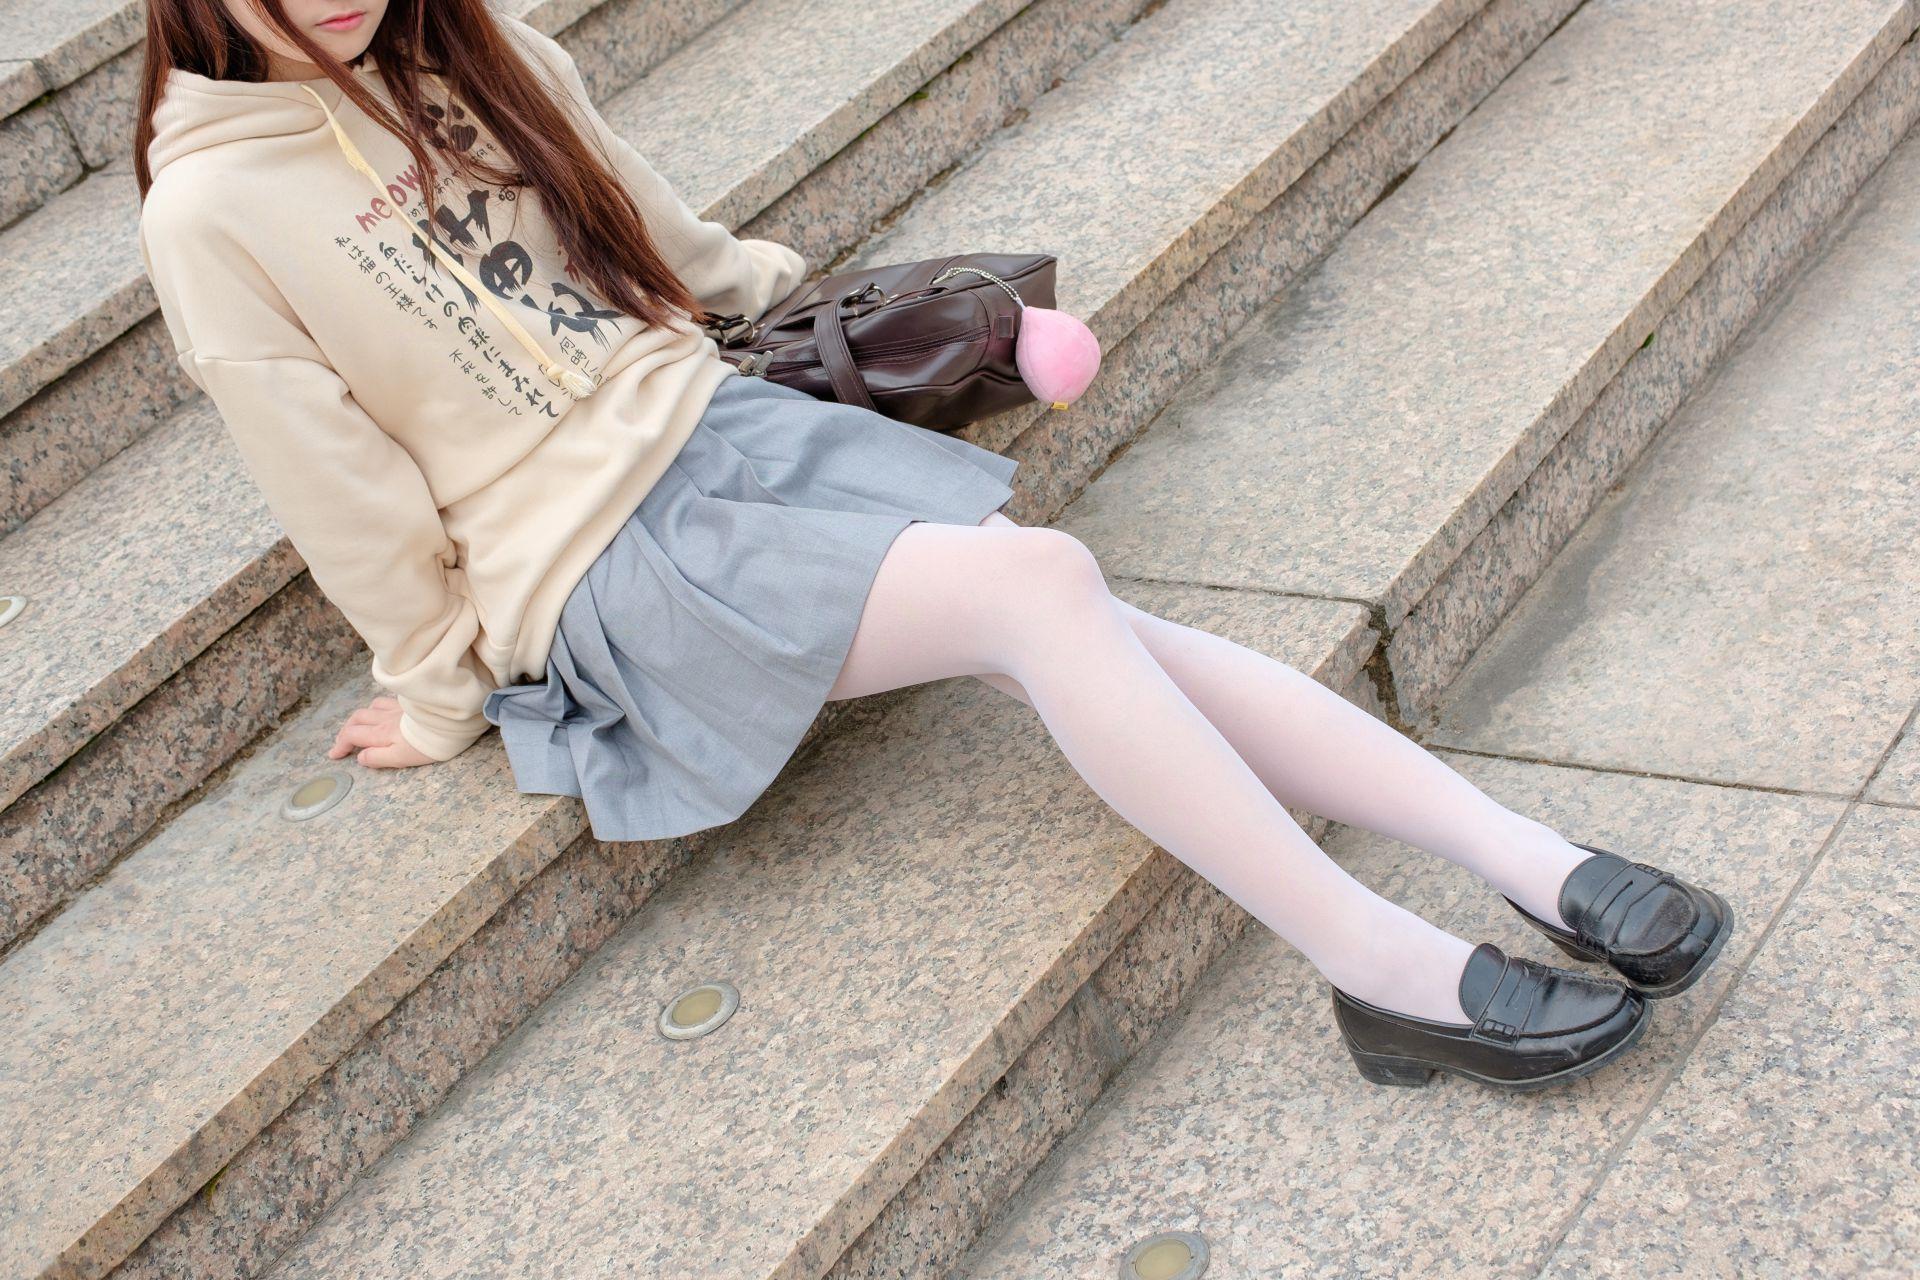 【森萝财团】森萝财团写真 - R15-040 户外白丝短裙 [131P-864MB] R15系列 第5张